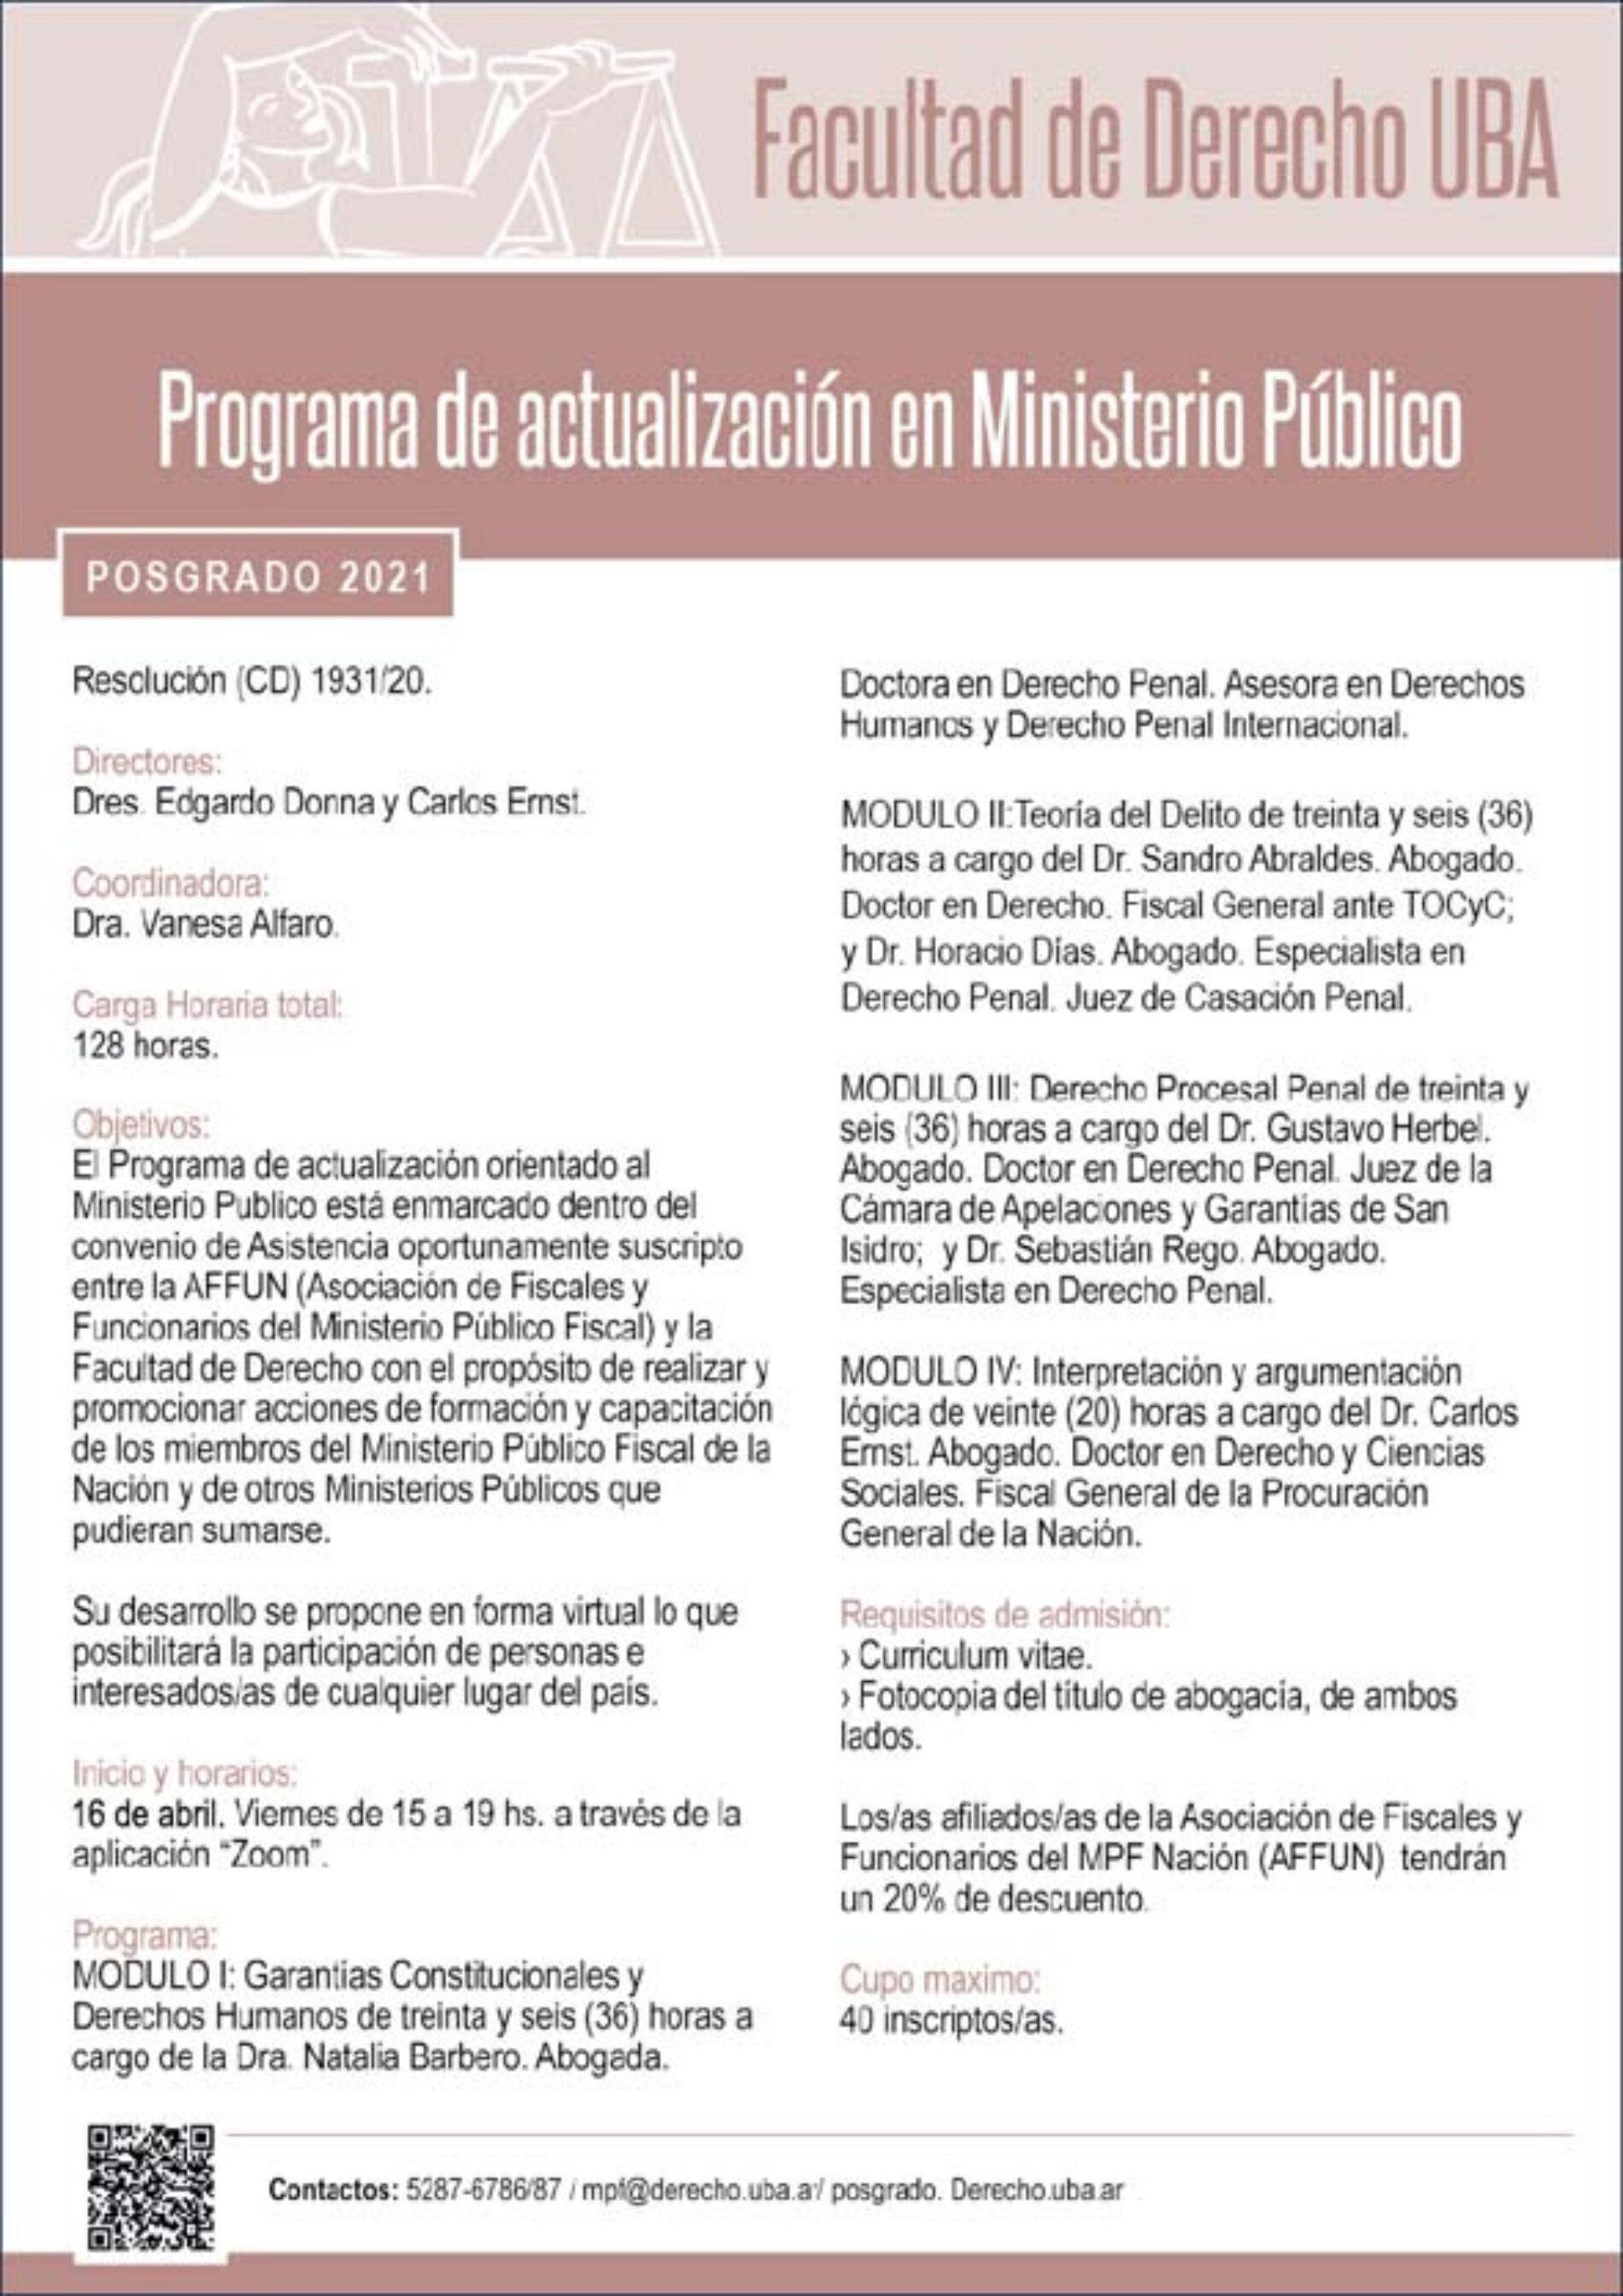 Programa de actualización en Ministerio Público.